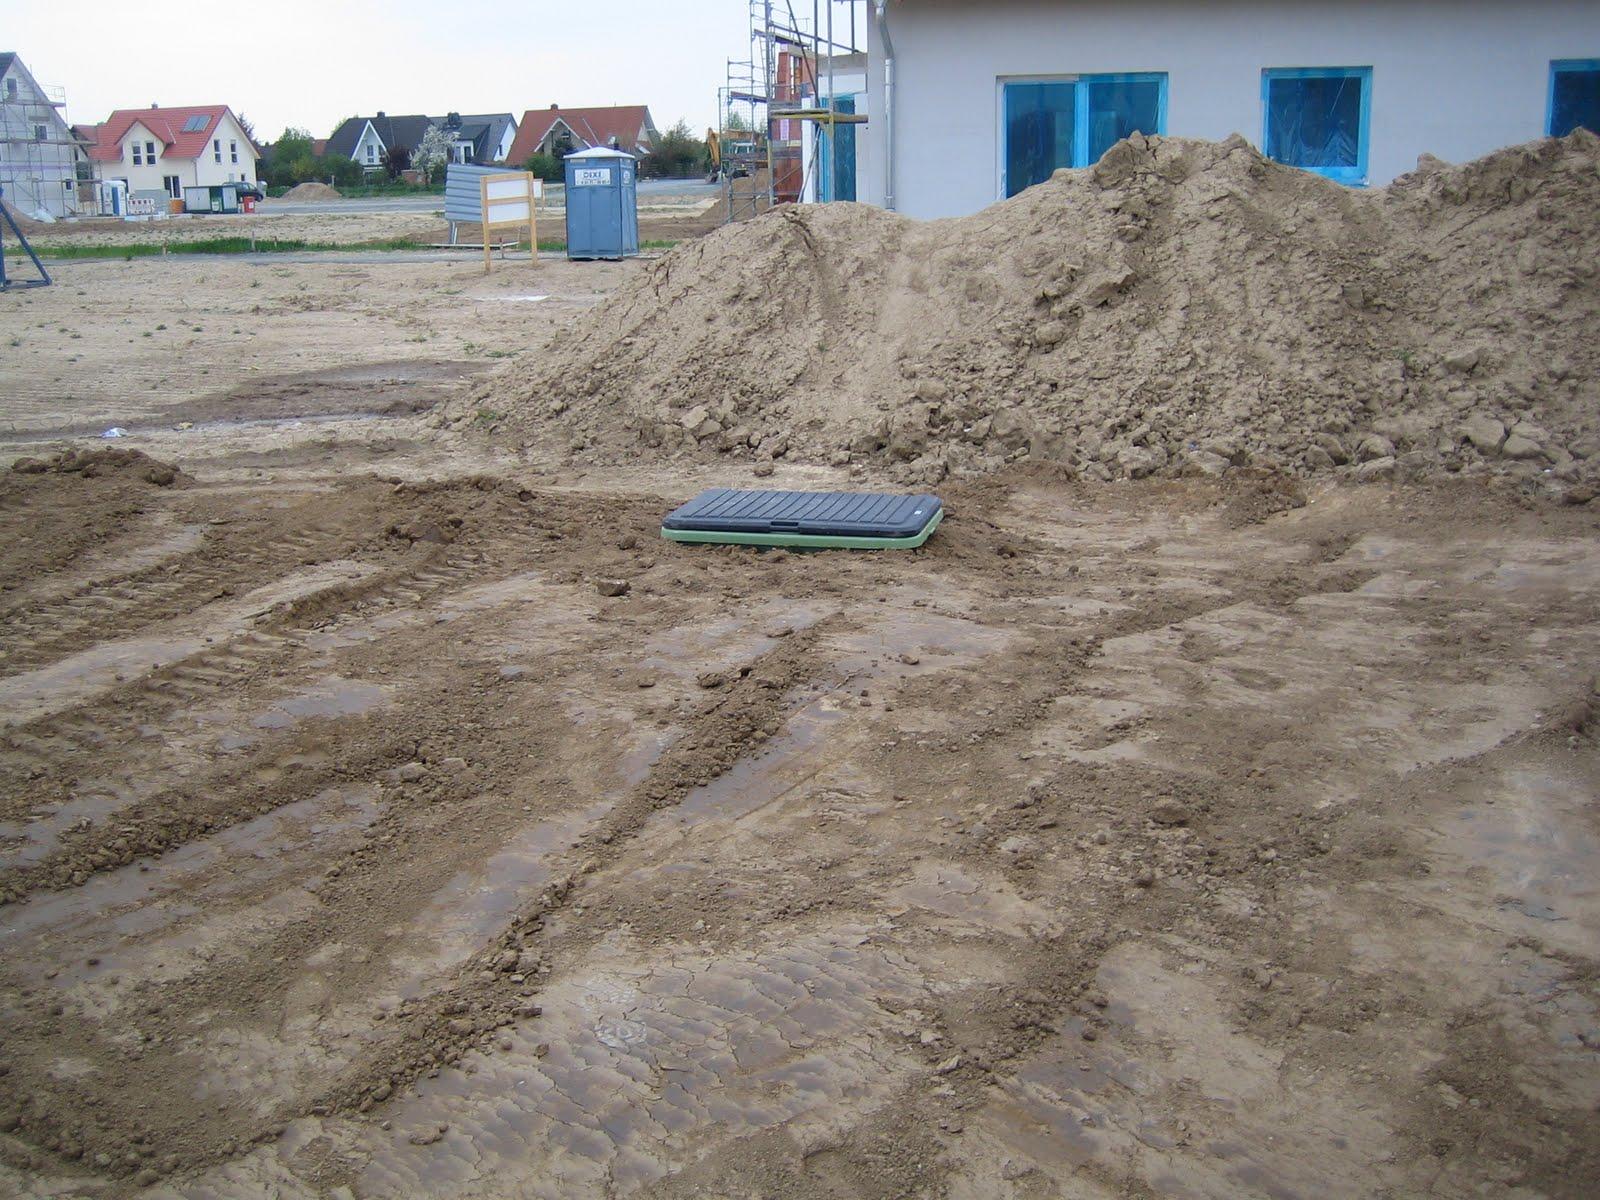 carina und stefan bauen wurd 39 auch zeit april 2010. Black Bedroom Furniture Sets. Home Design Ideas